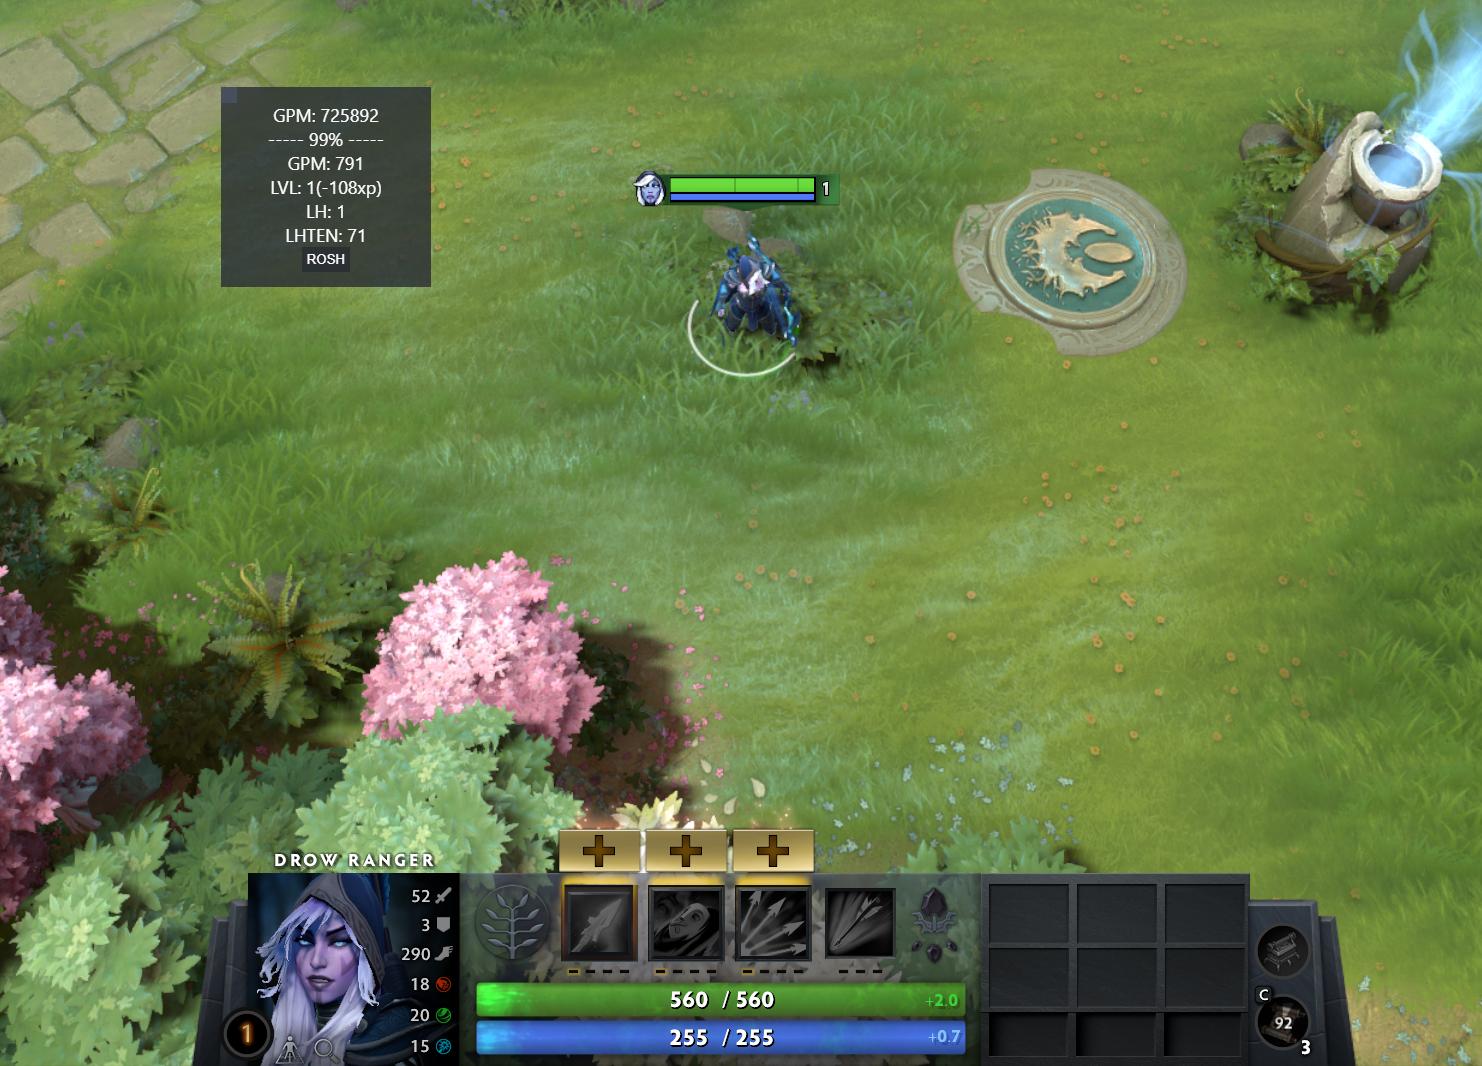 Пример использования в демо режиме игры